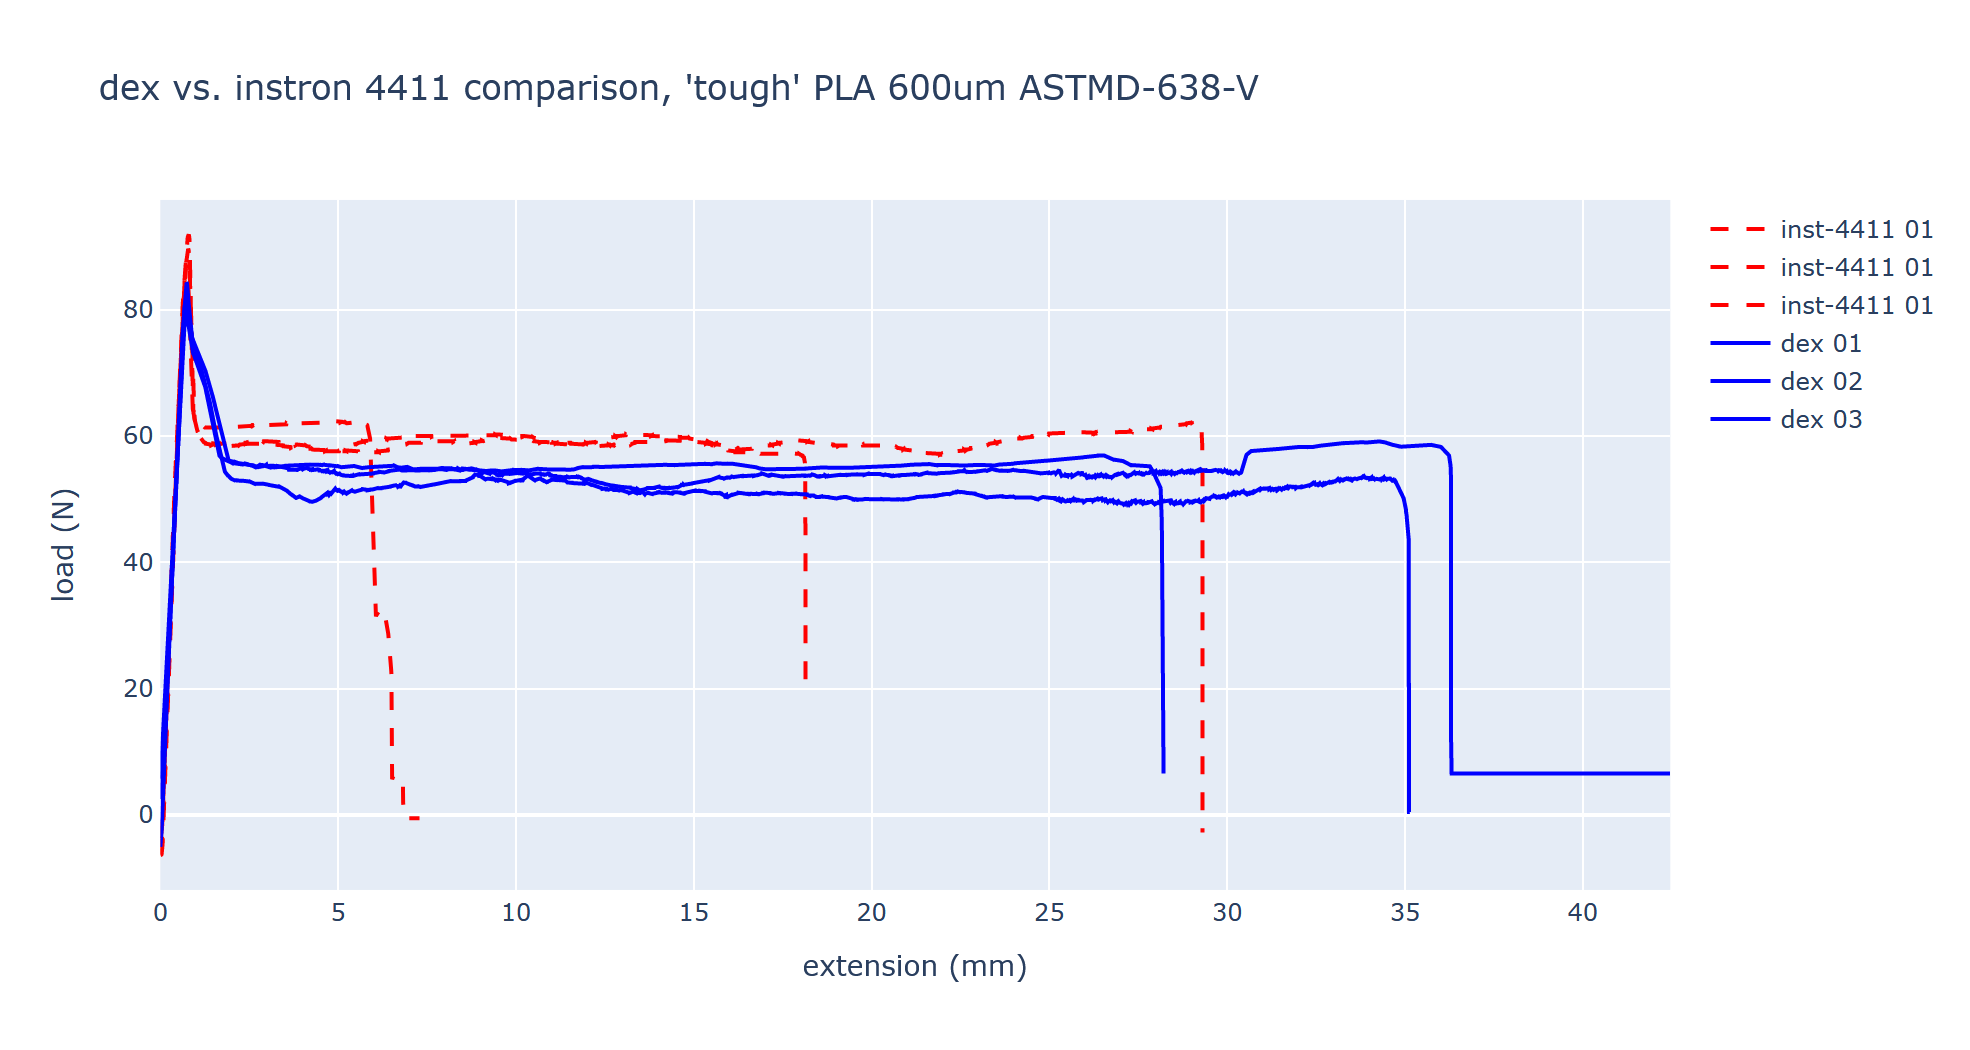 data/2020-07-12_compare-dex-4411/2020-07-12_compare-dex-4411-02.png